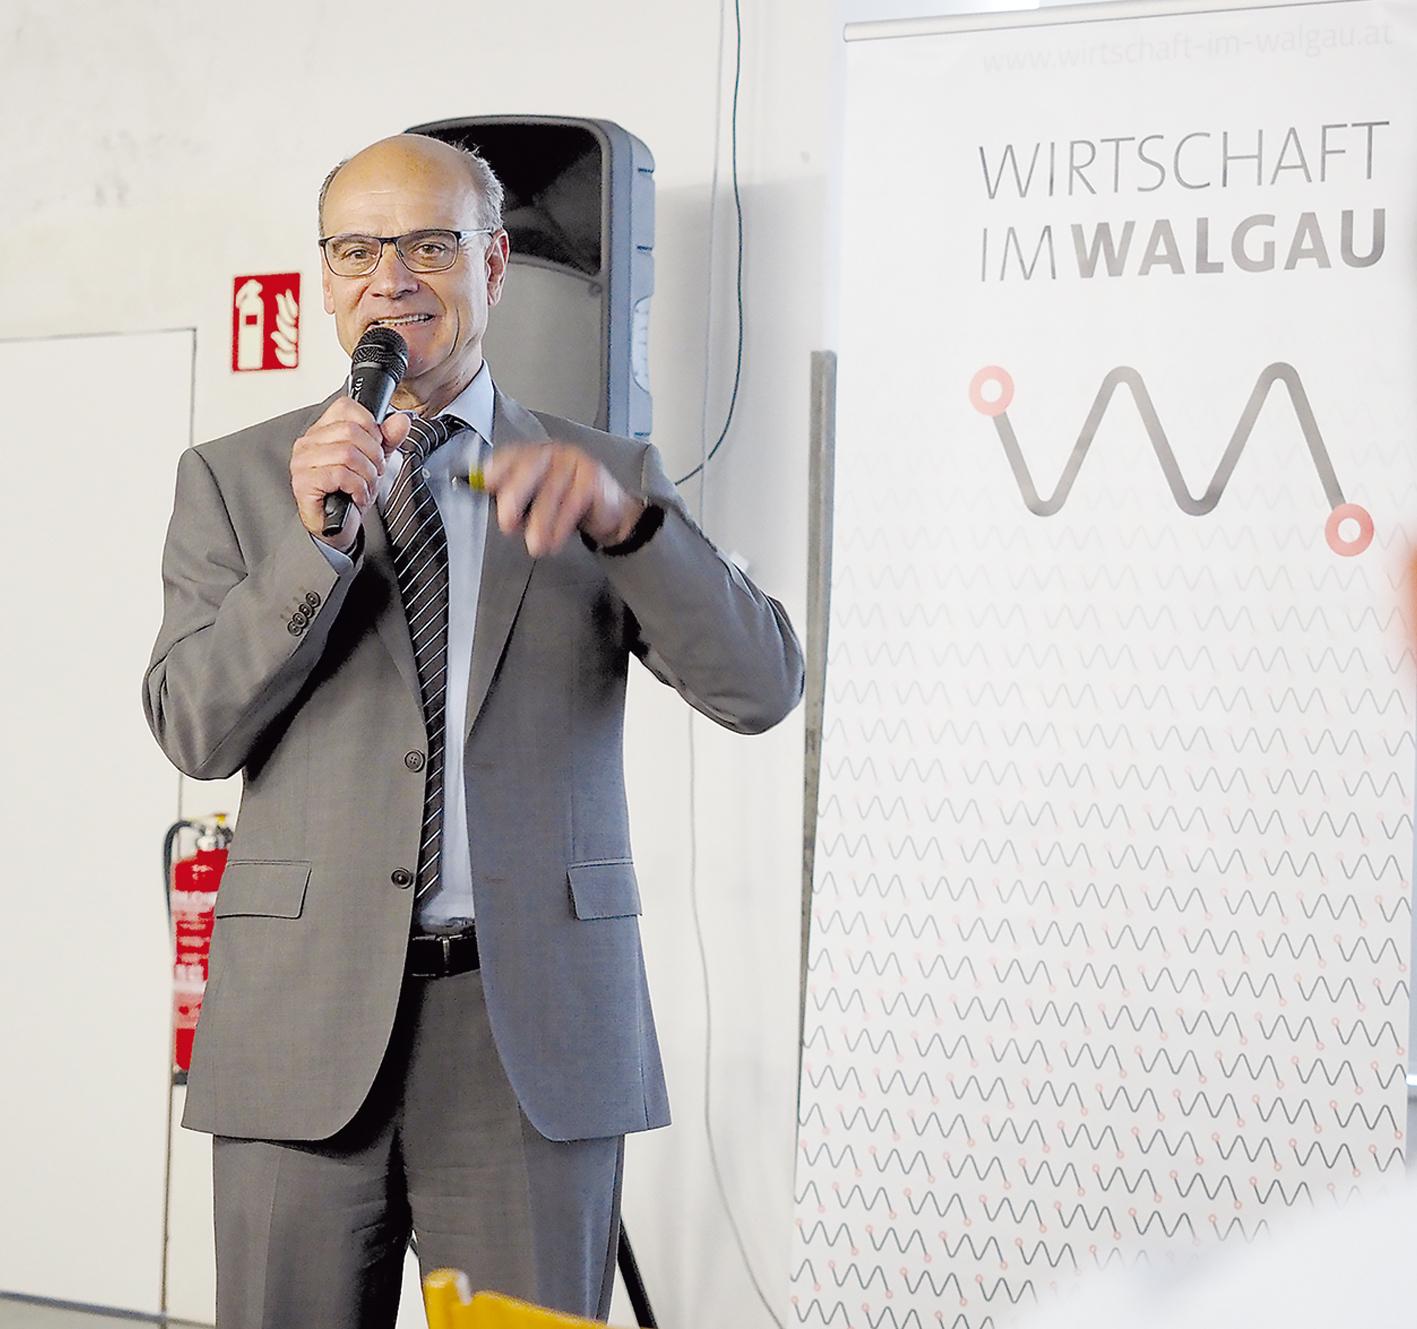 Der Vorarlberger Ingenieur Ing. Josef Kilga ist Kenner der Automobilindustrie weltweit und überzeugt von der Zukunft des Elektroautos.